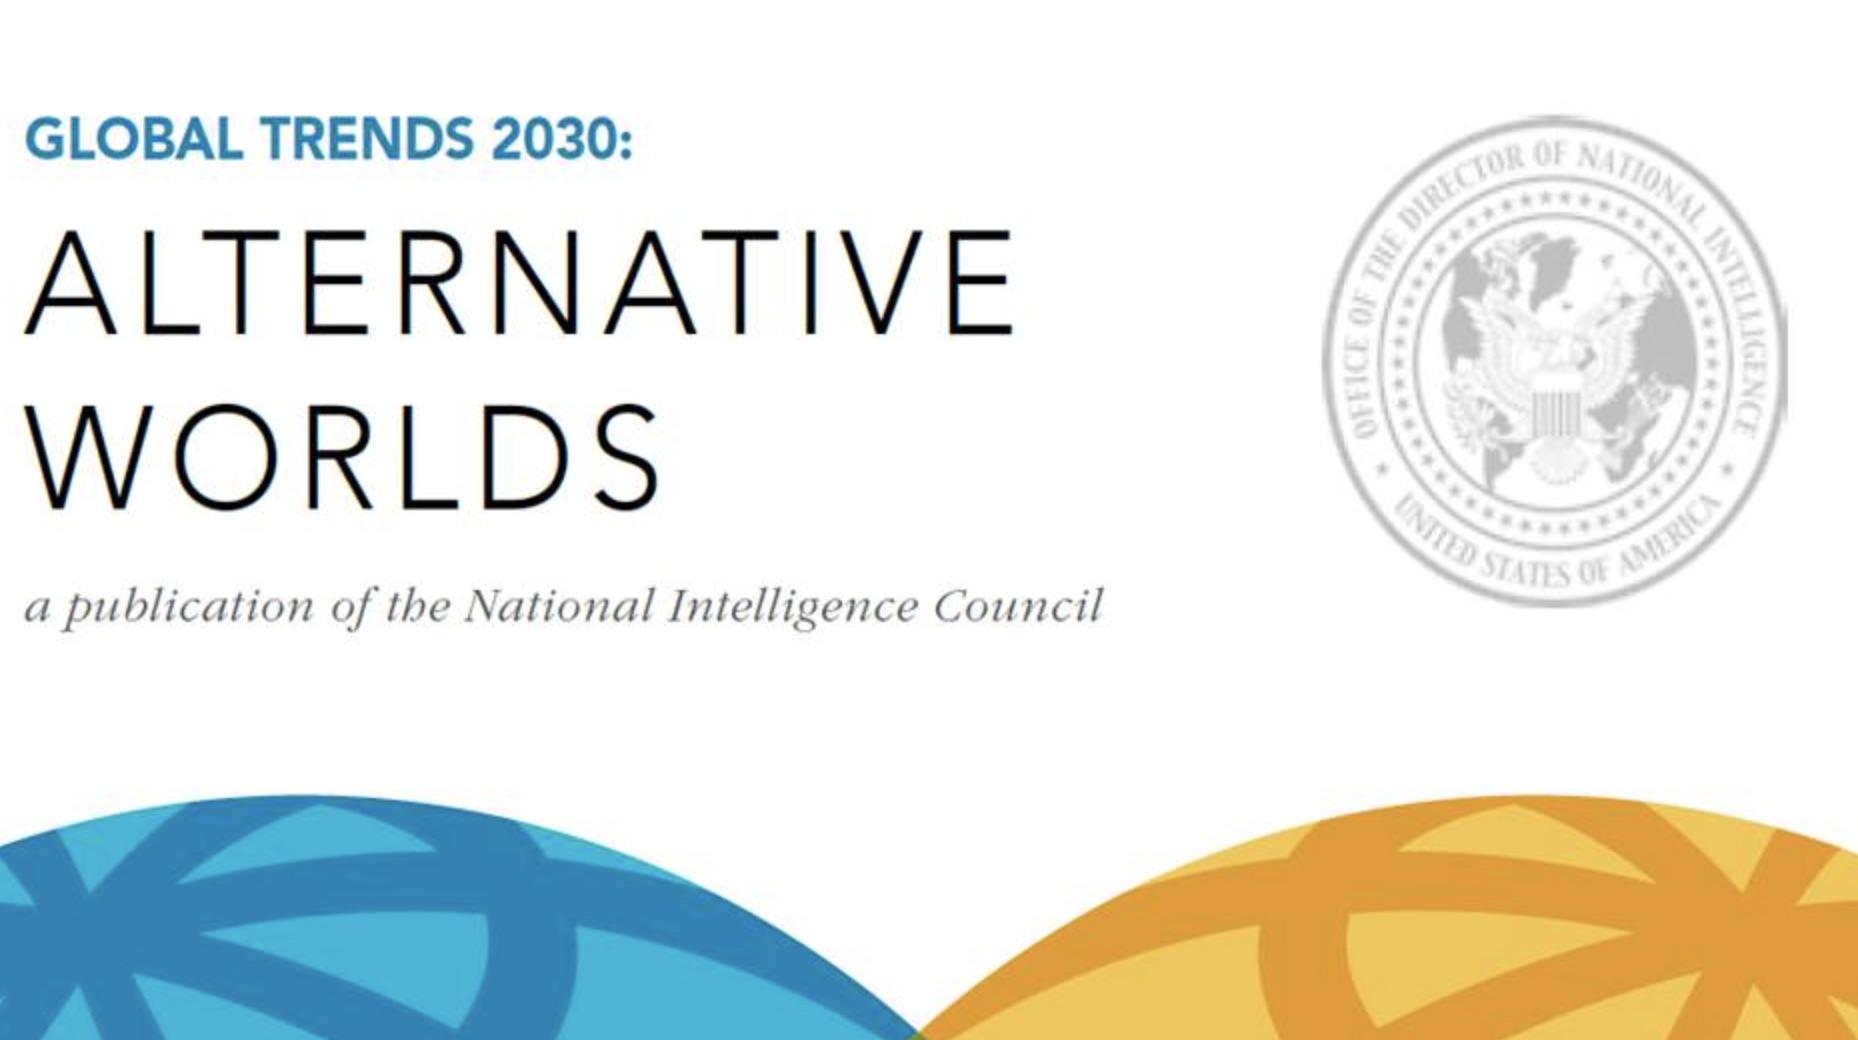 Alternative Worlds 2030